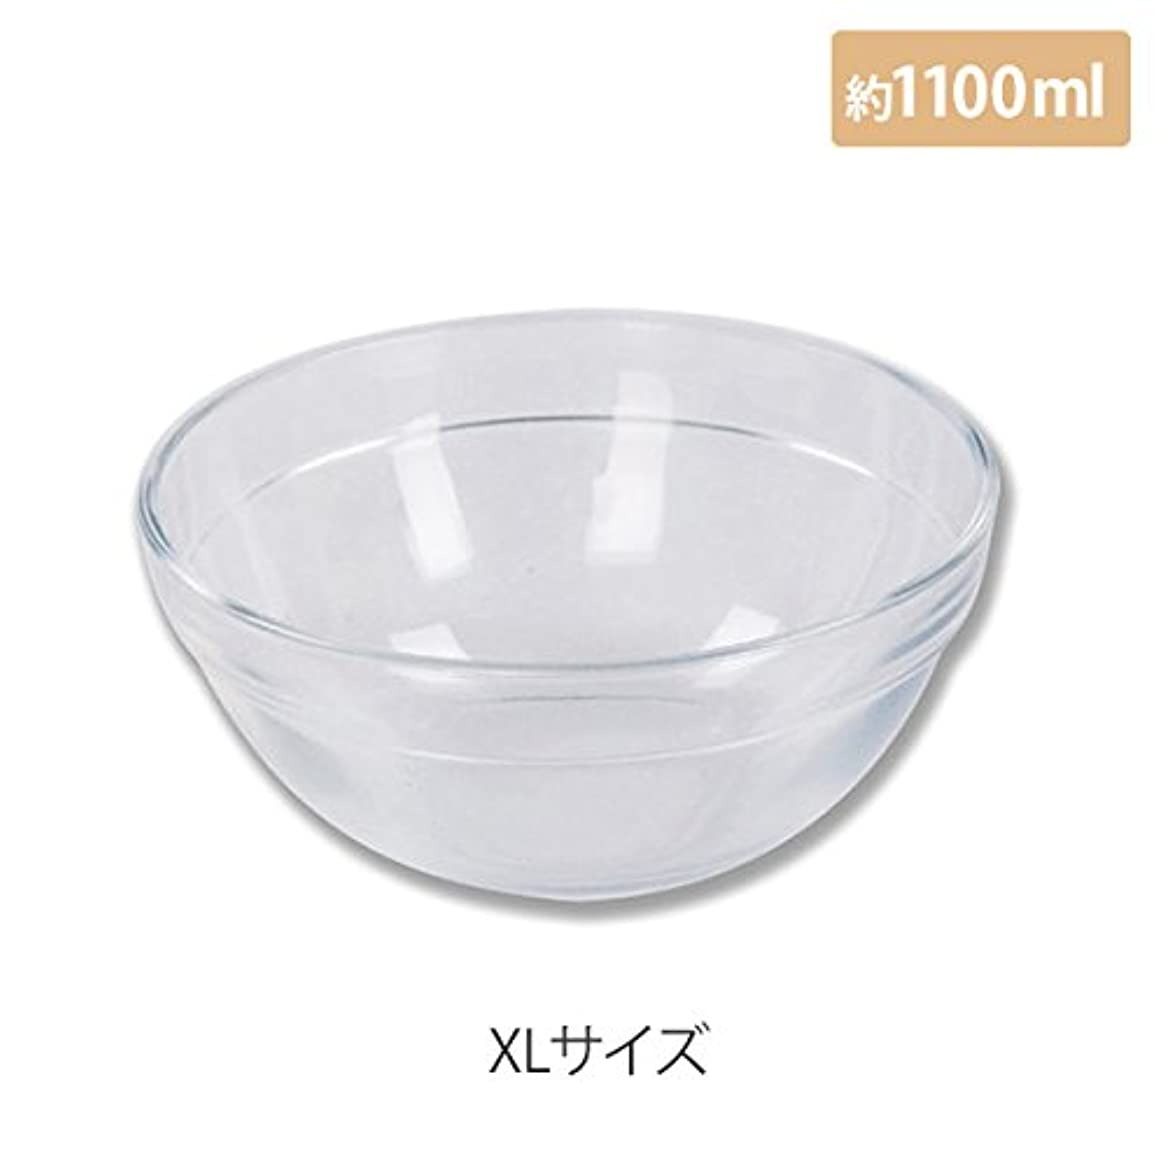 反対した水を飲む従者マイスター プラスティックボウル (XLサイズ) クリア 直径20cm [ プラスチックボール カップボウル カップボール エステ サロン プラスチック ボウル カップ 割れない ]